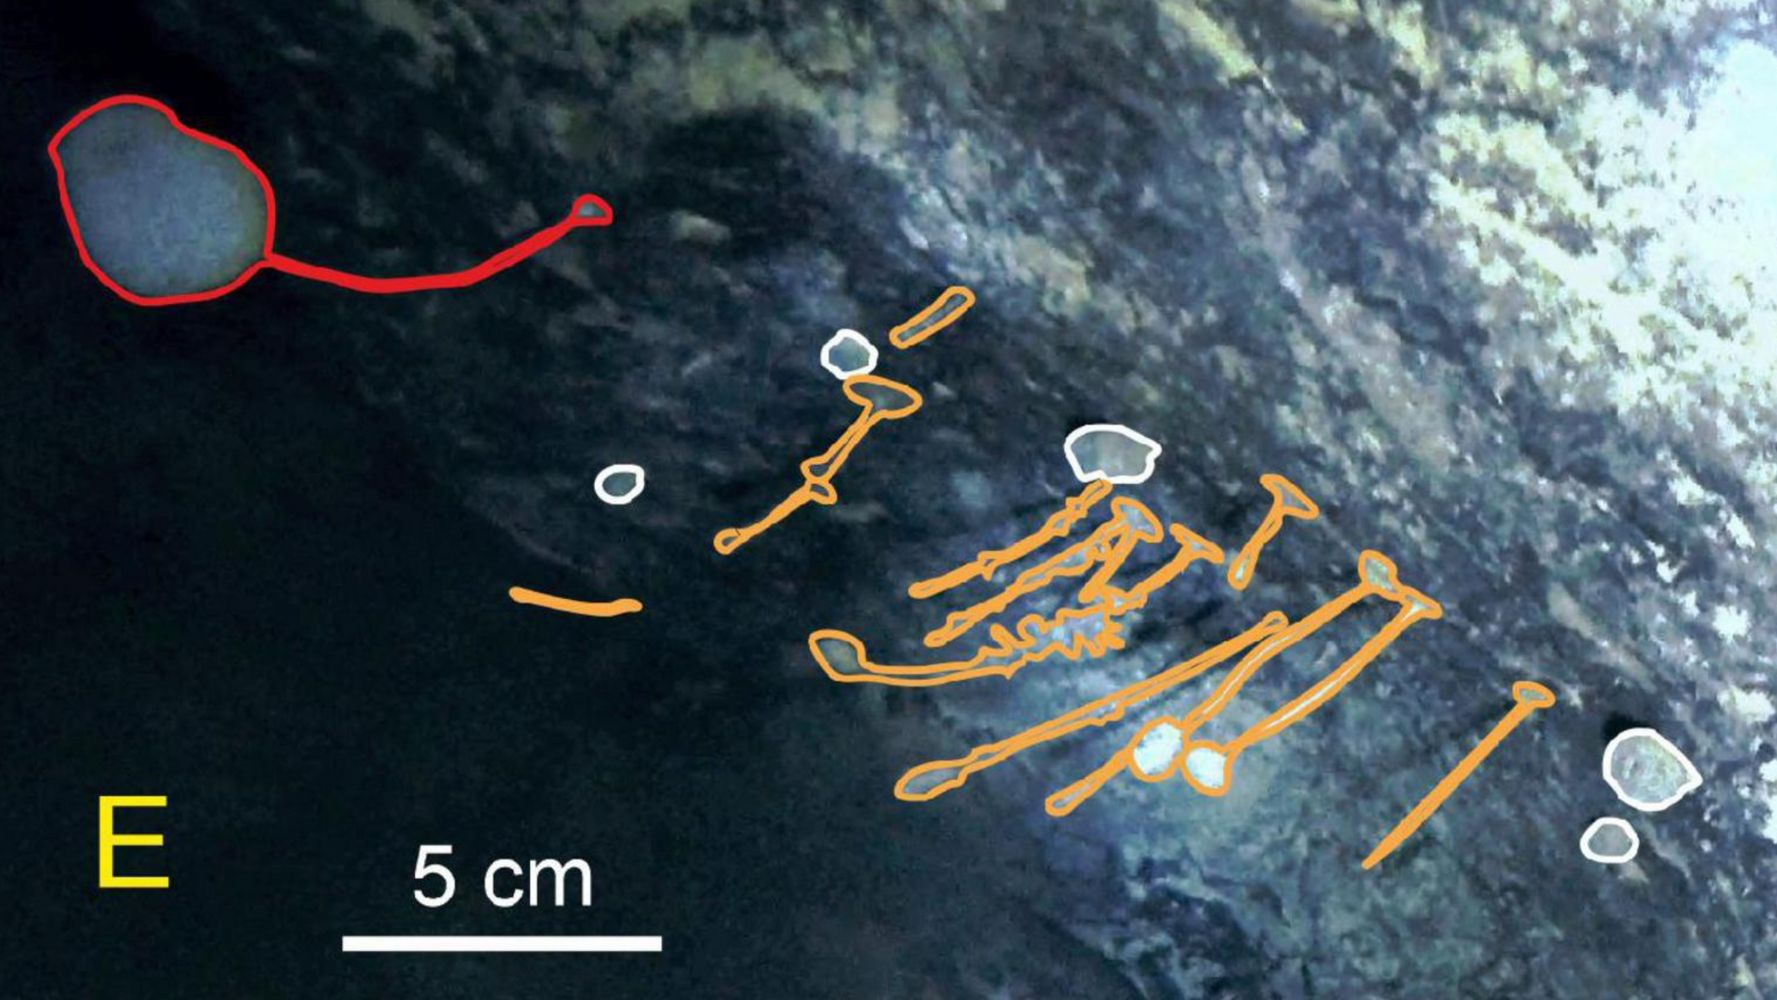 Las formas de vida «no deberían estar allí» encontradas por científicos debajo del hielo antártico